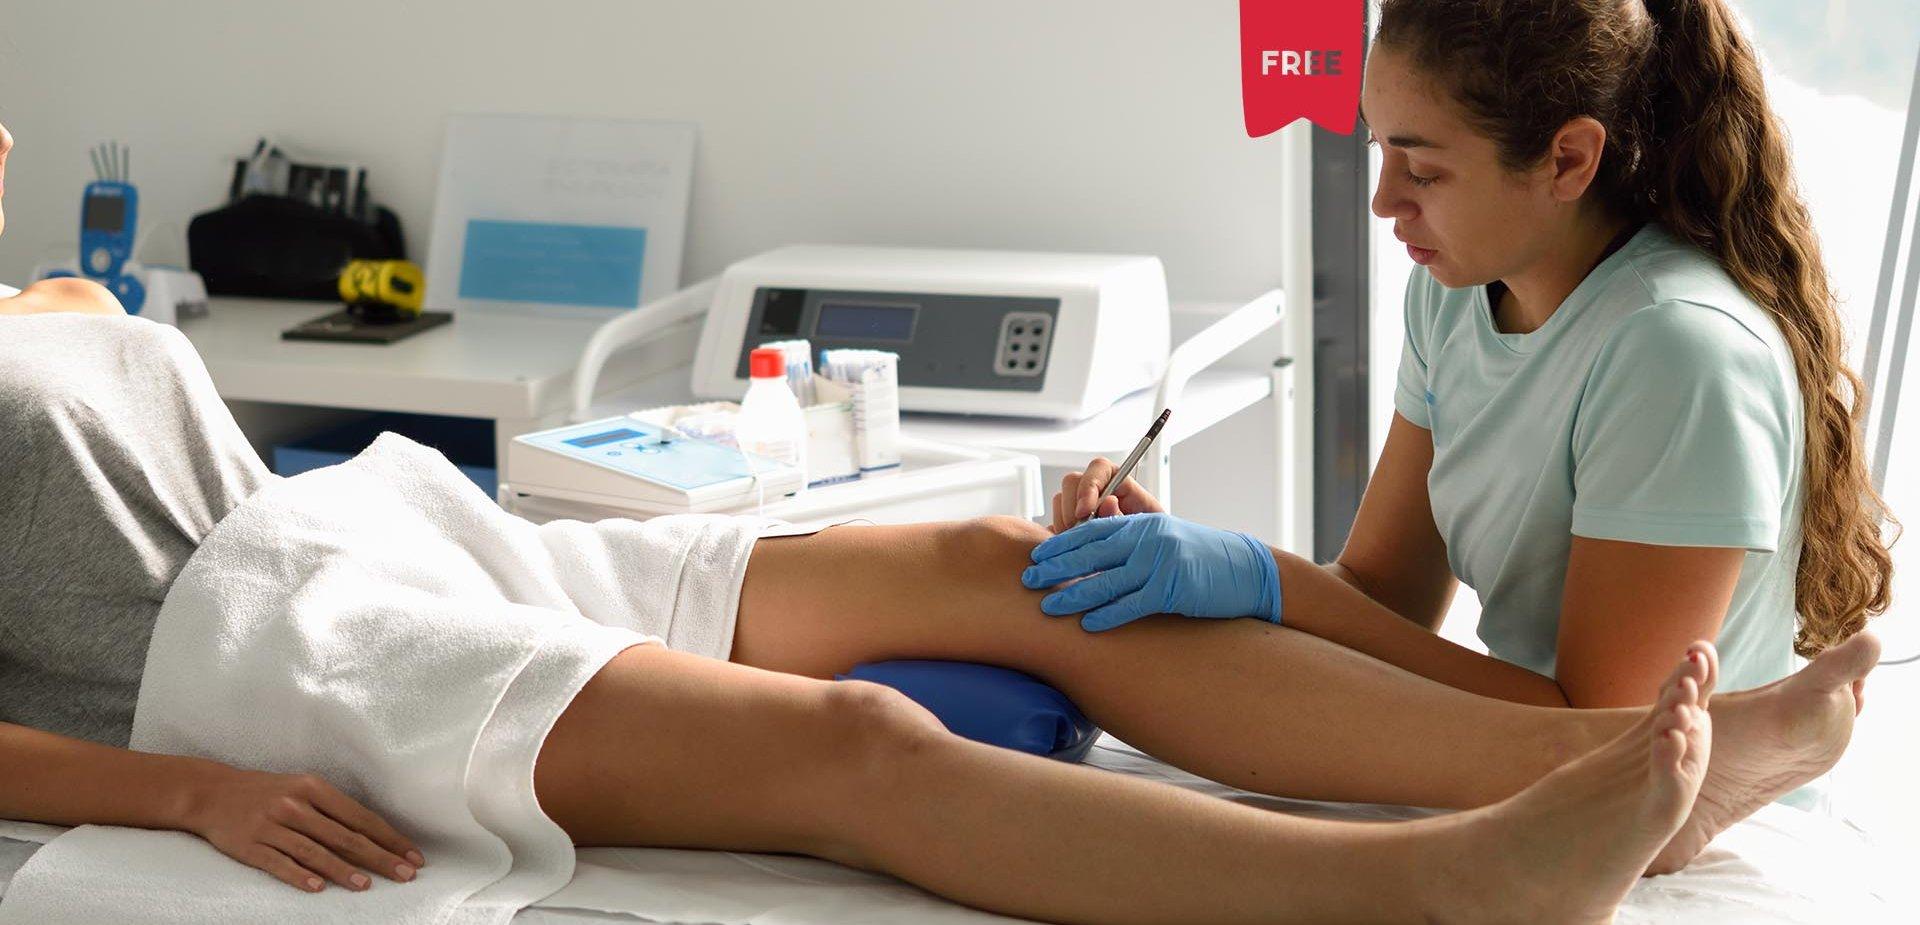 Efeito da intensidade da eletropuntura na dor crónica em pacientes com osteoartrite do joelho